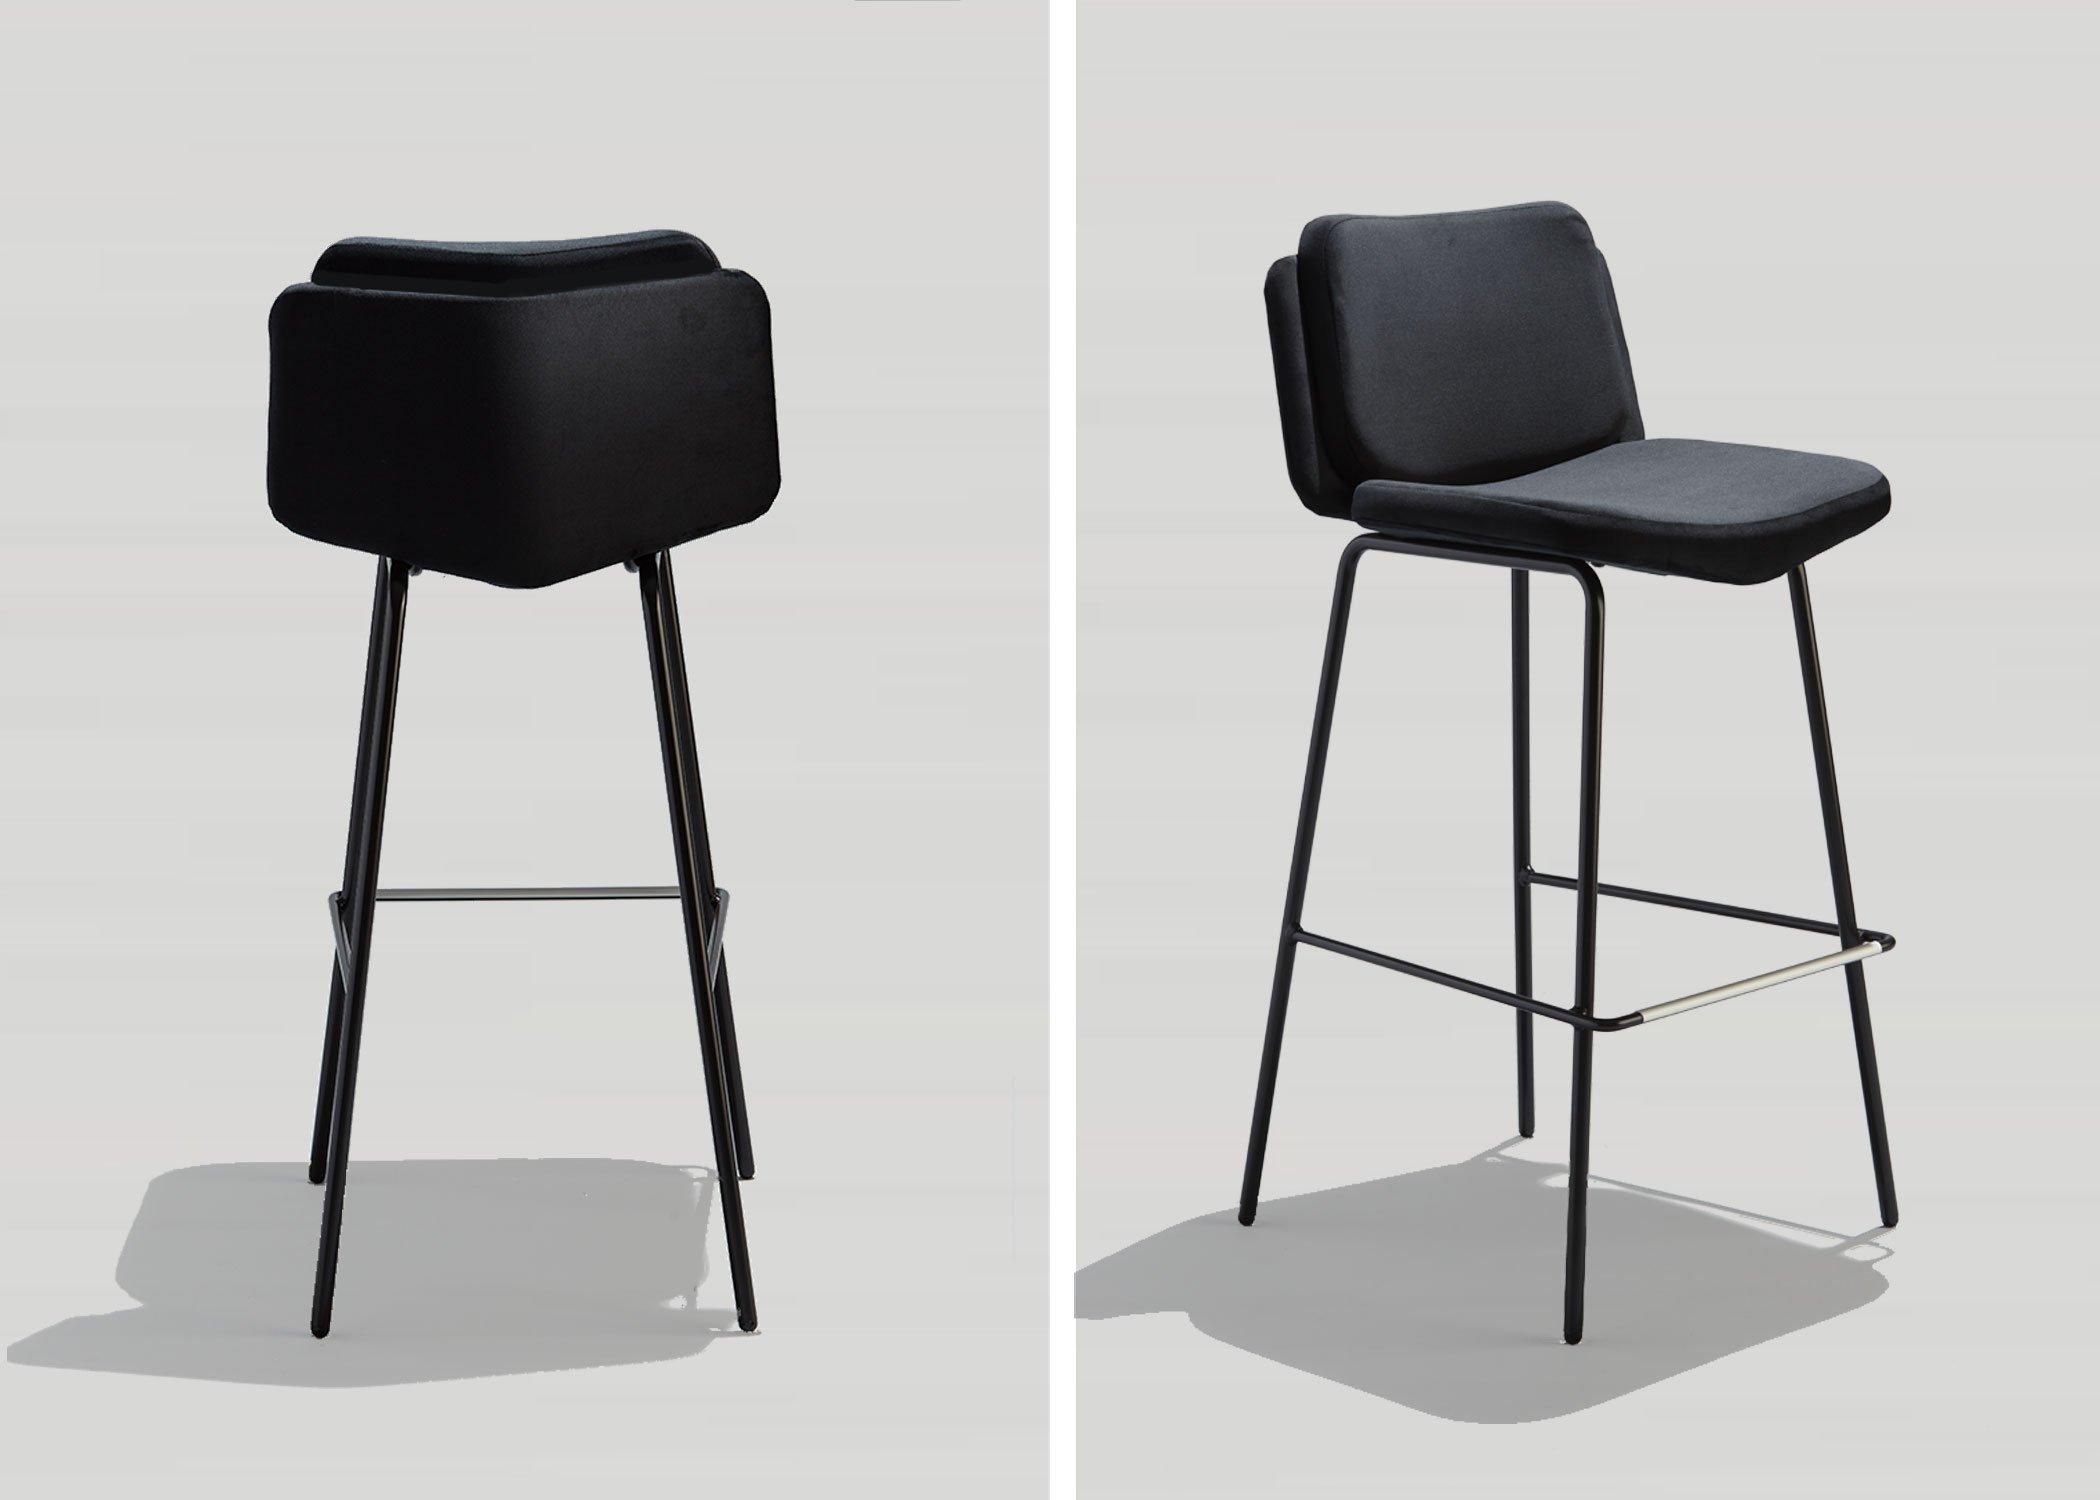 Modern Upholstered Bar Stool with Black Velvet Seat and Back